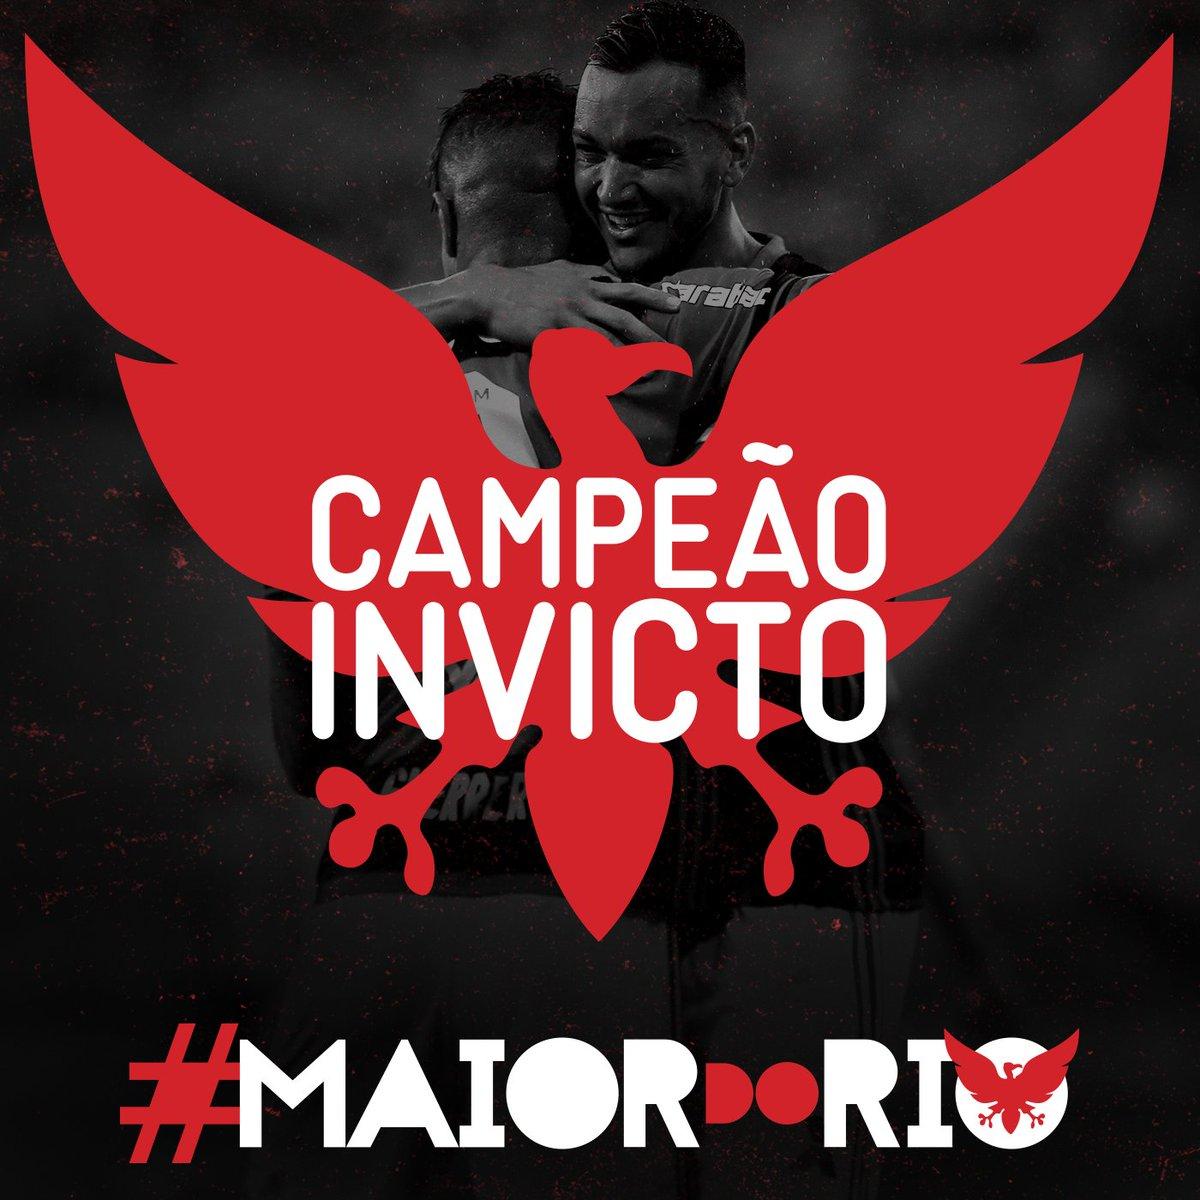 Essa conquista tem mais um detalhe especial: o Mengão em nenhum momento foi vencido #MaiorDoRio